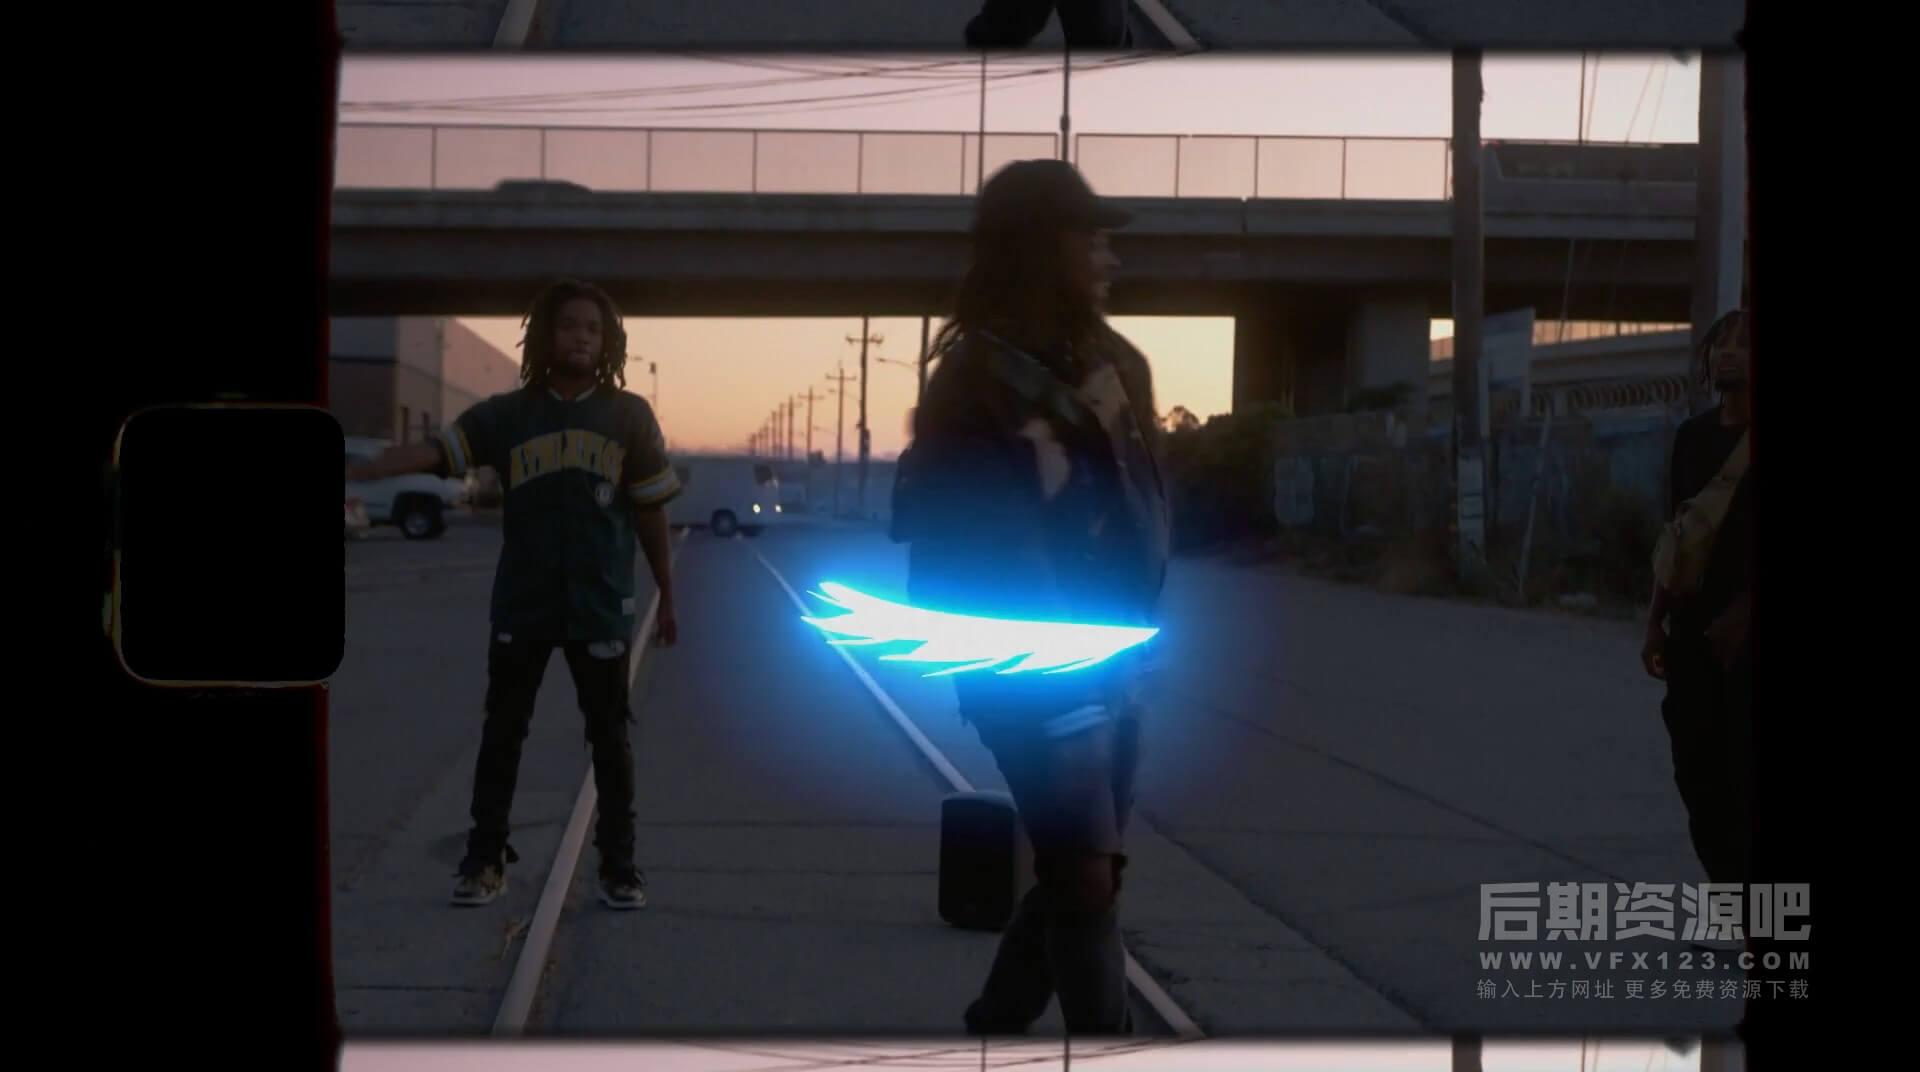 视频素材 卡通手绘辉光闪烁霓虹效果动画 综艺搞笑节目动画素材 Glow FX 2.1